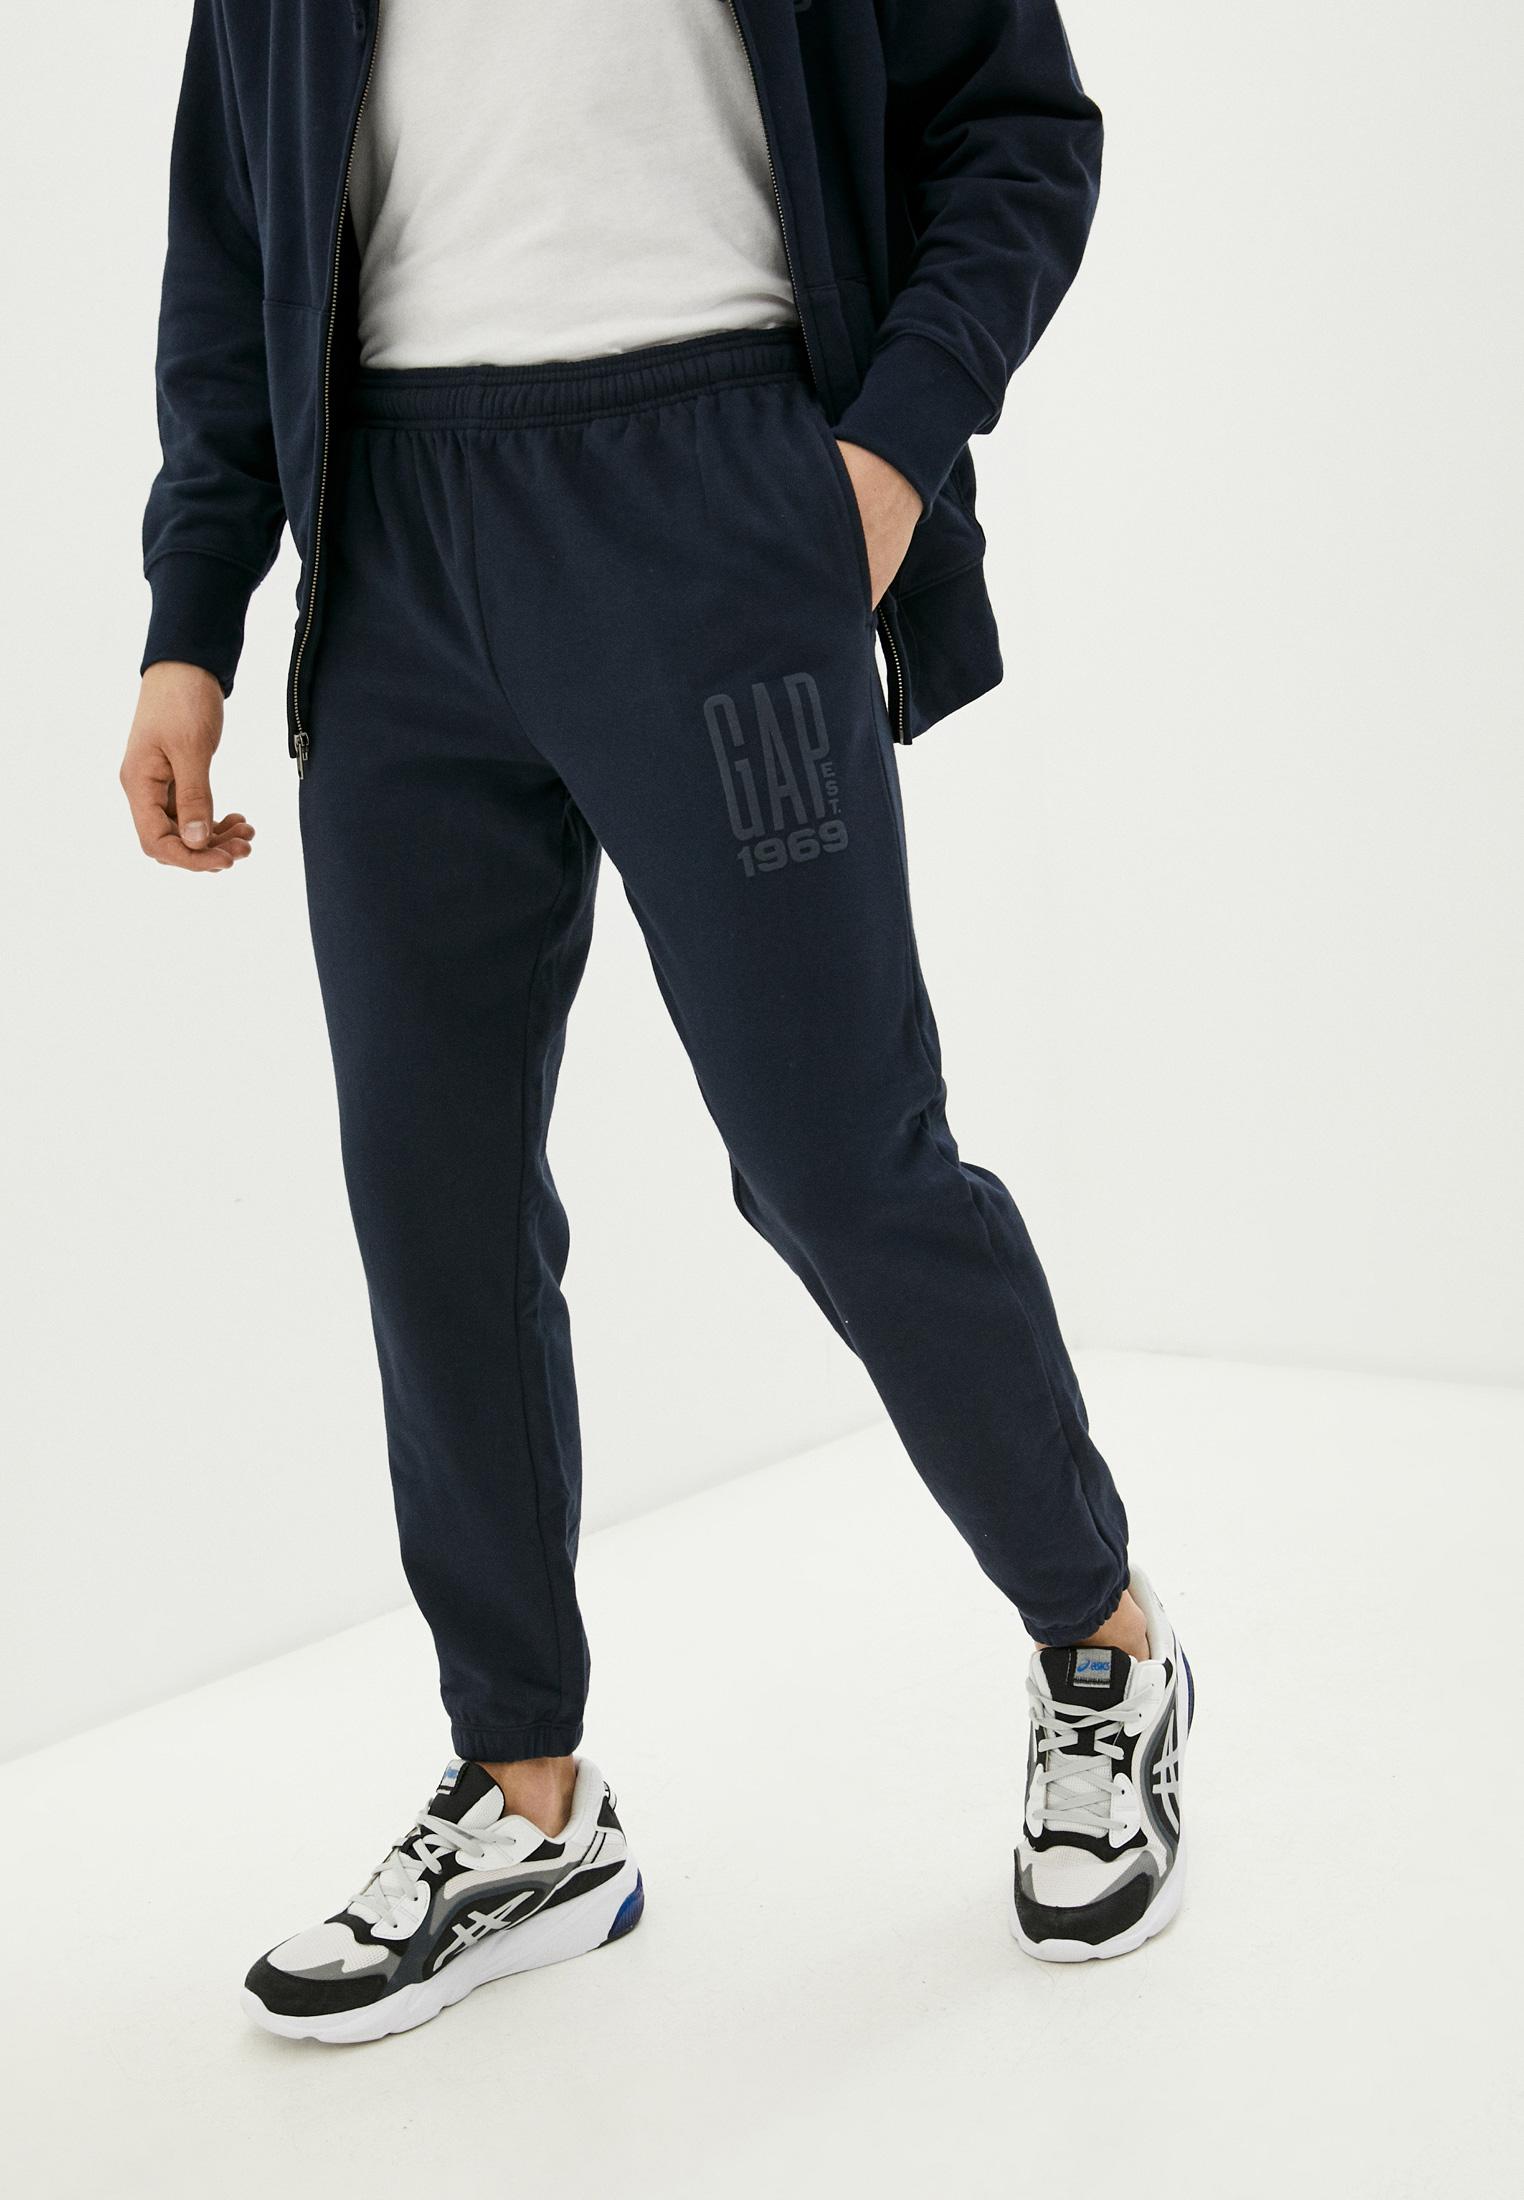 Мужские спортивные брюки Gap (ГЭП) Брюки спортивные Gap